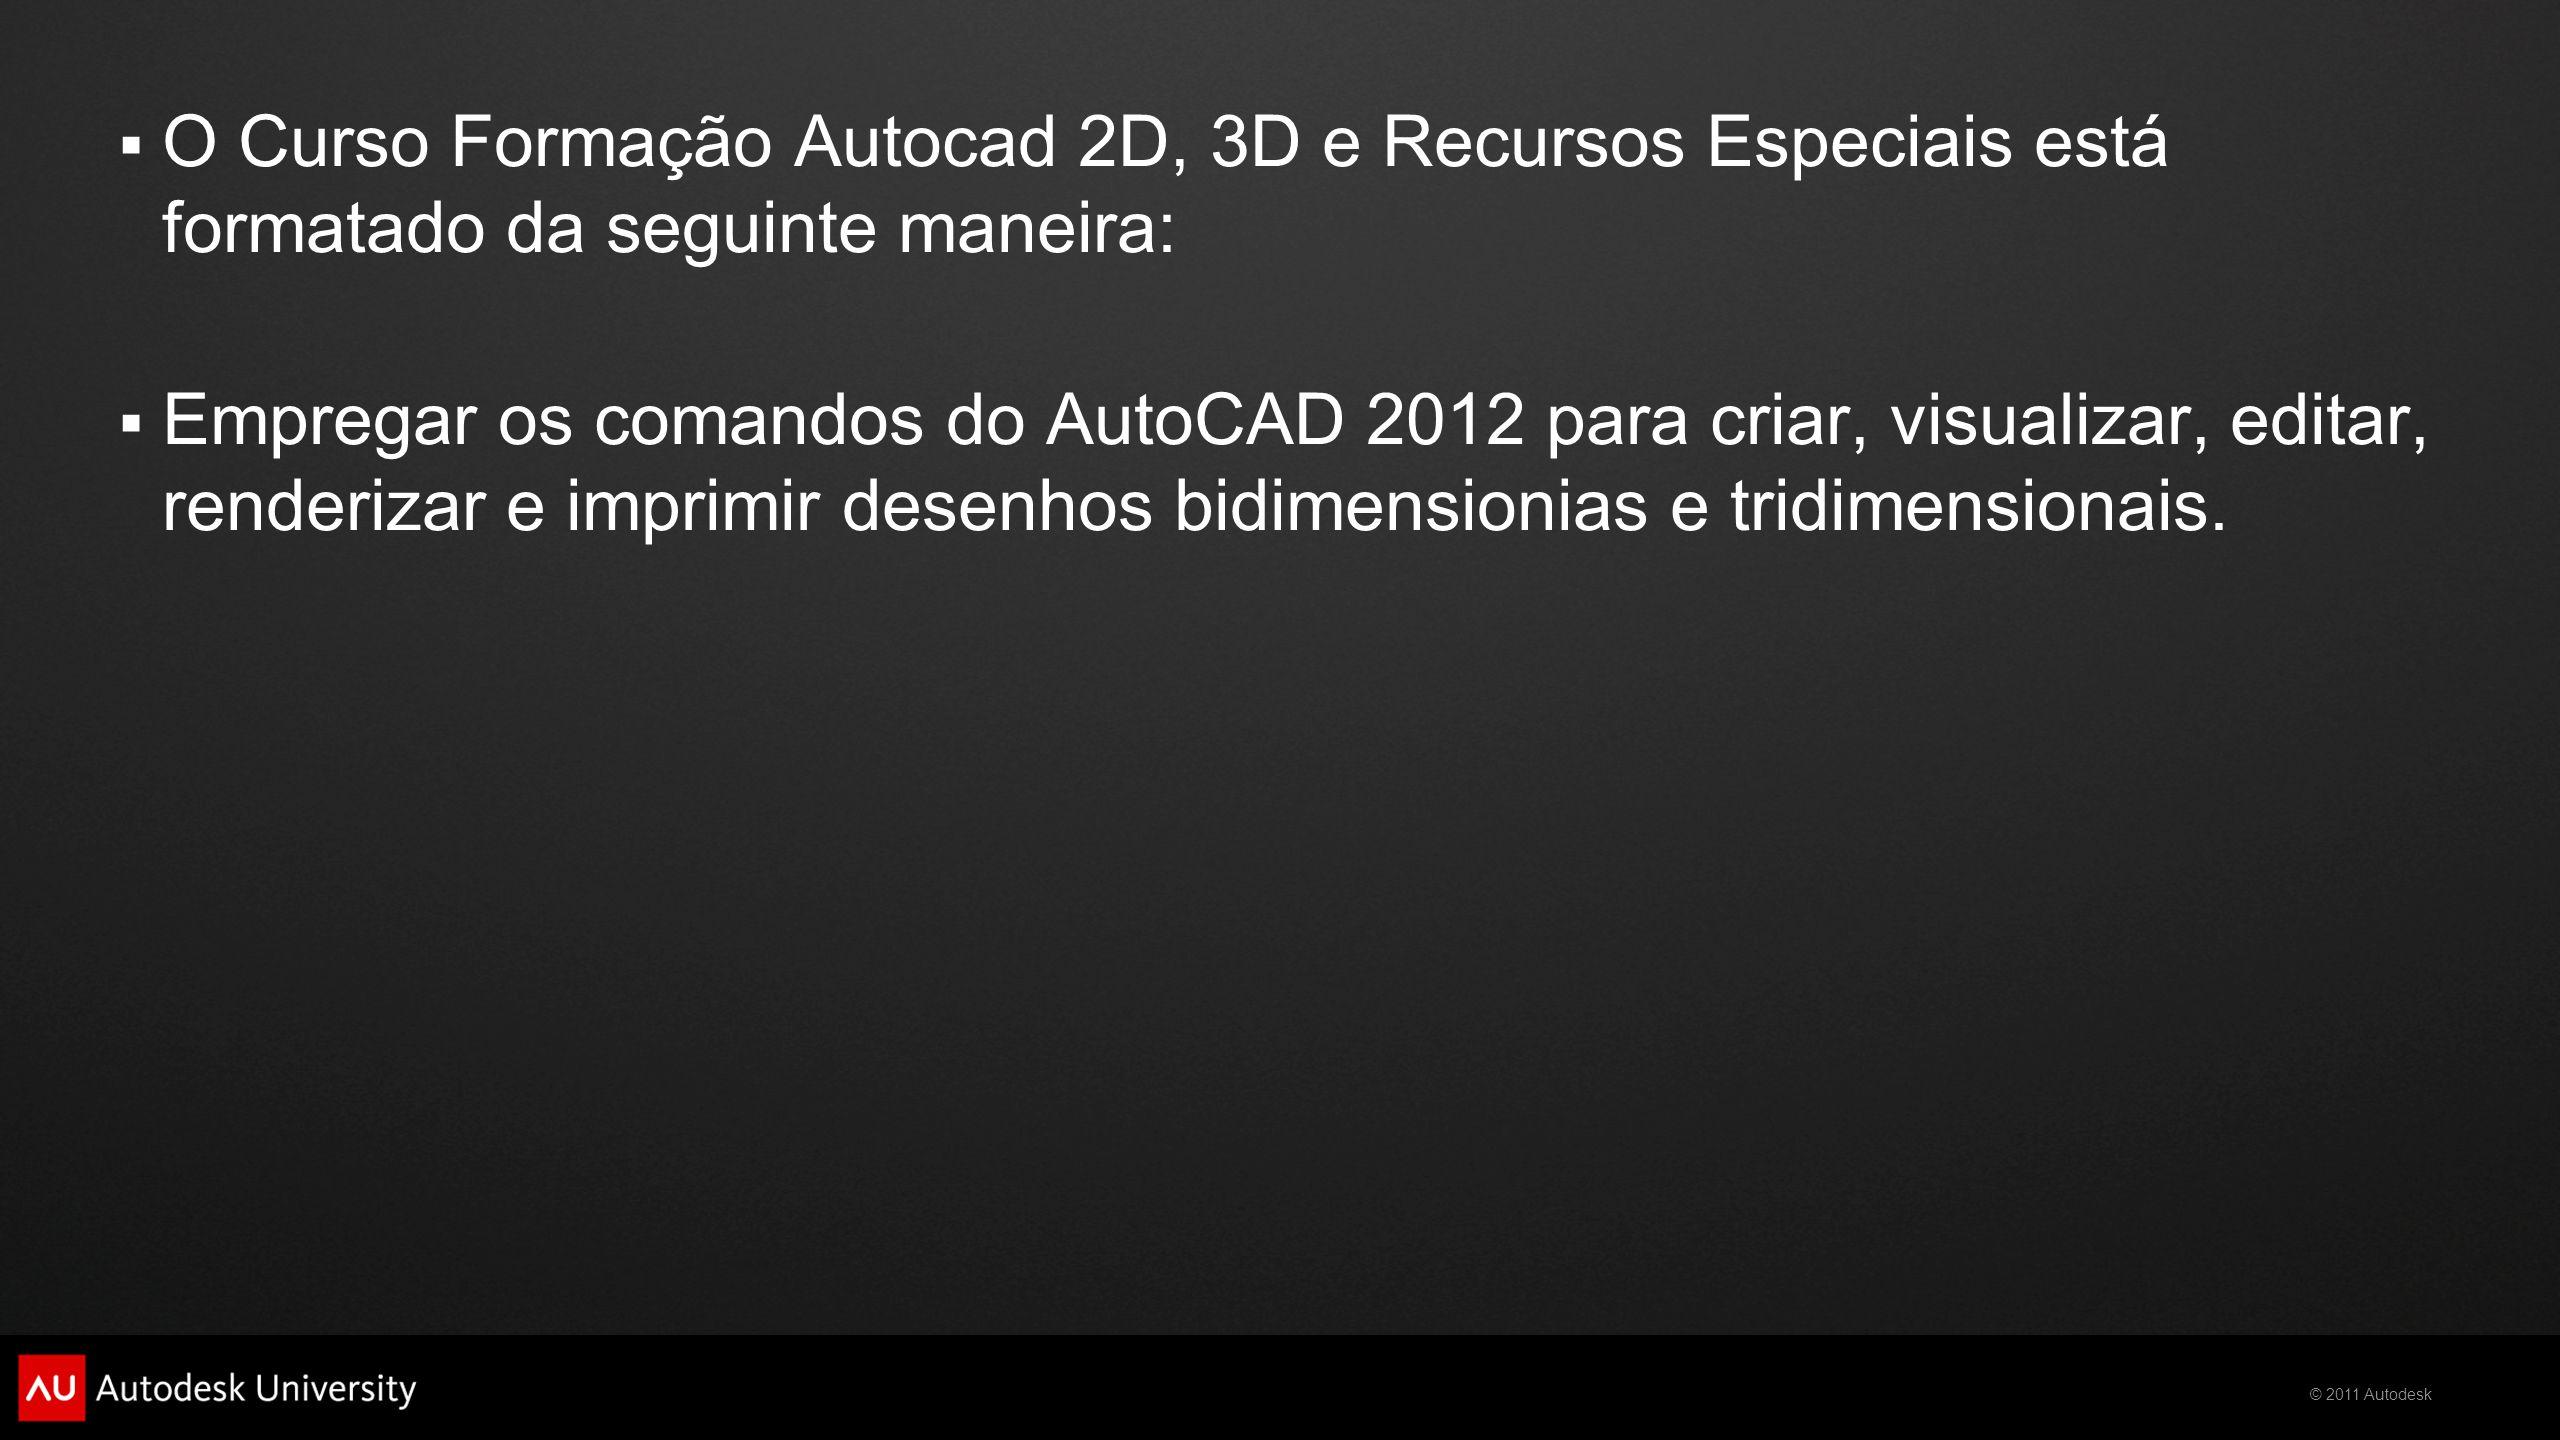 O Curso Formação Autocad 2D, 3D e Recursos Especiais está formatado da seguinte maneira: